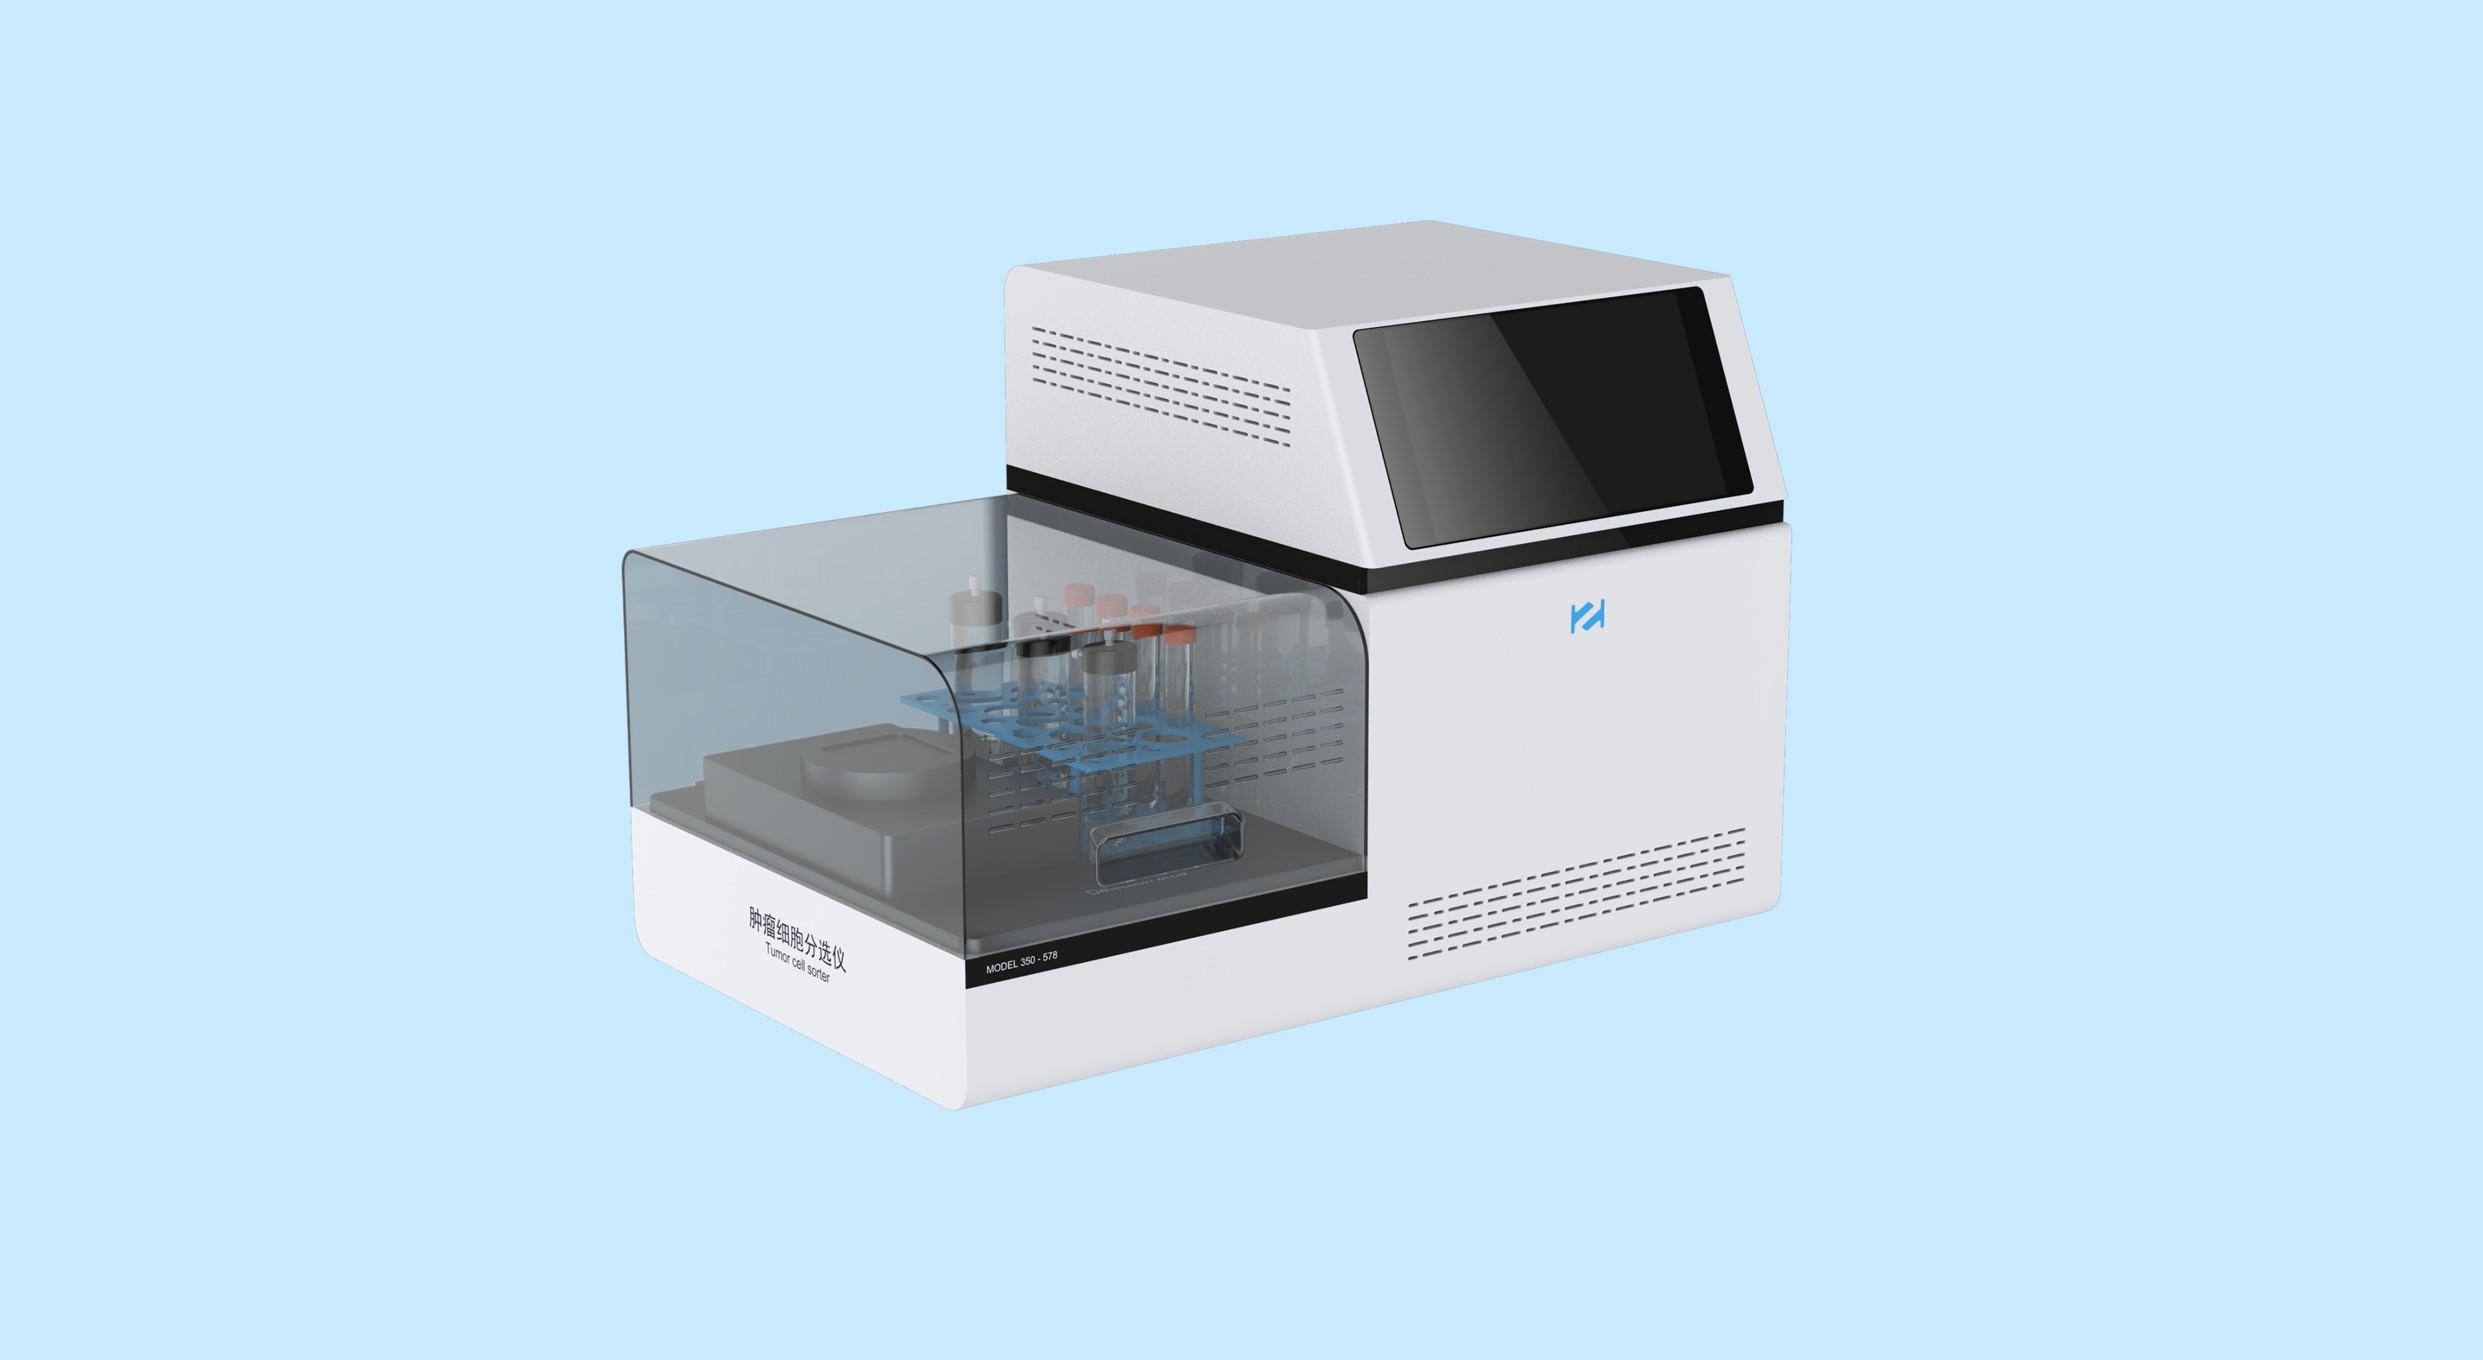 循环肿瘤细胞(CTC)微流控检测仪